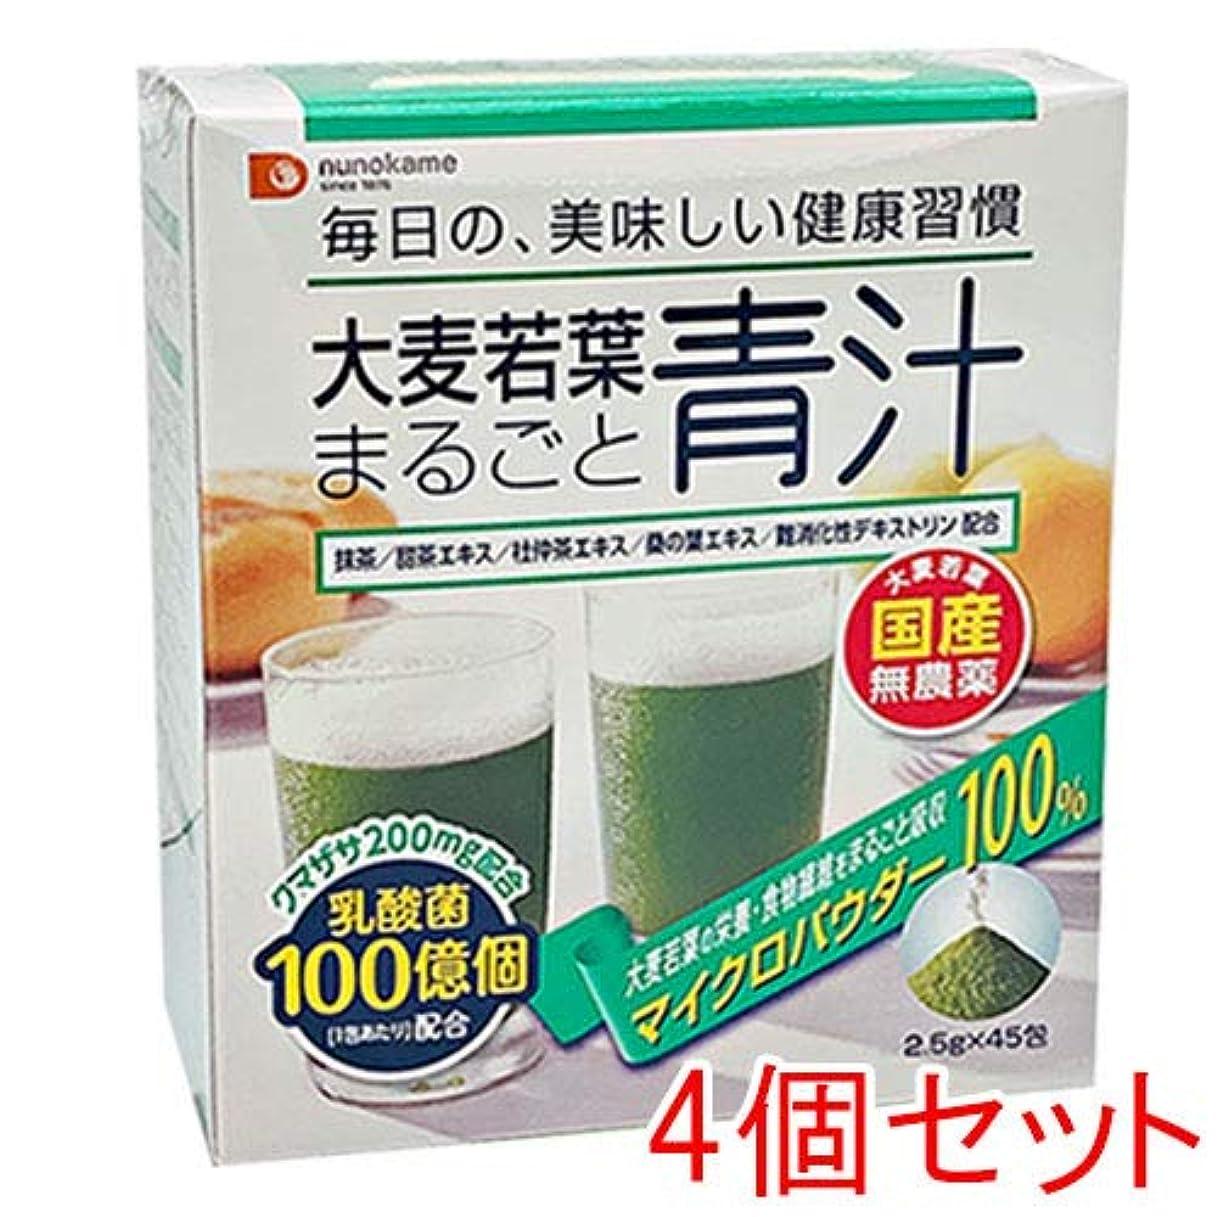 ジャニス王女モート大麦若葉まるごと青汁 4個セット [2.5g×45包×4]